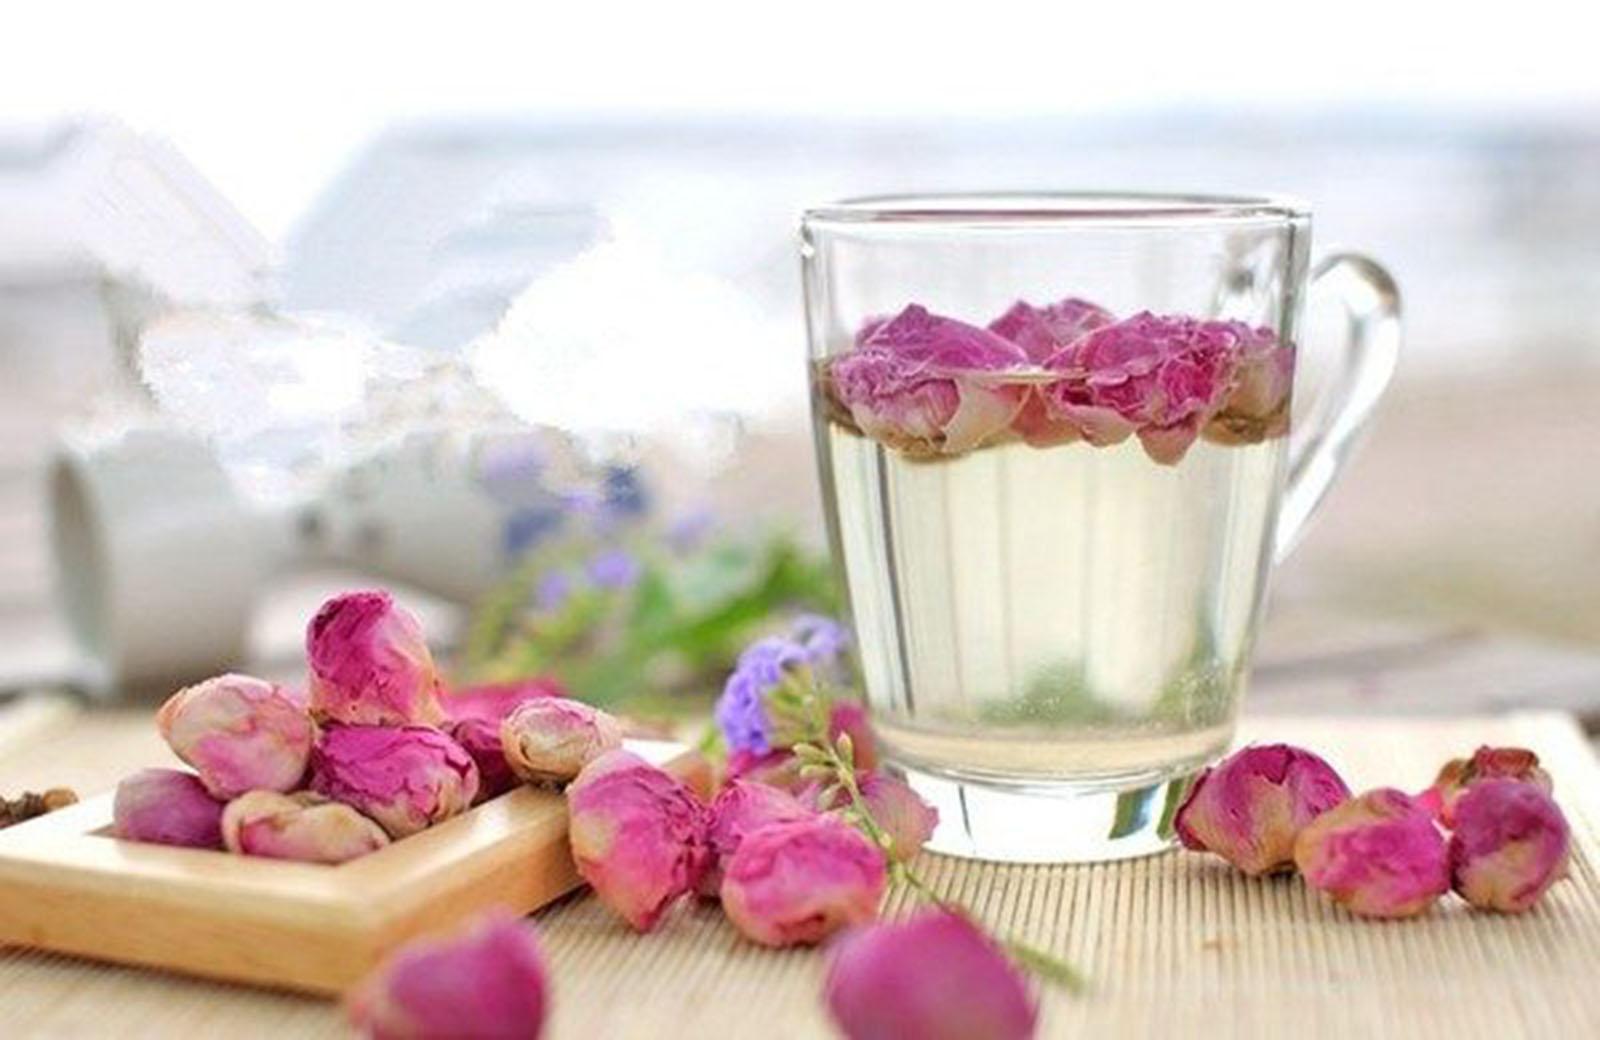 Trà hoa hồng có thể kết hợp với nhiều loại nguyên liệu khác để tăng cường hương vị và dược tính